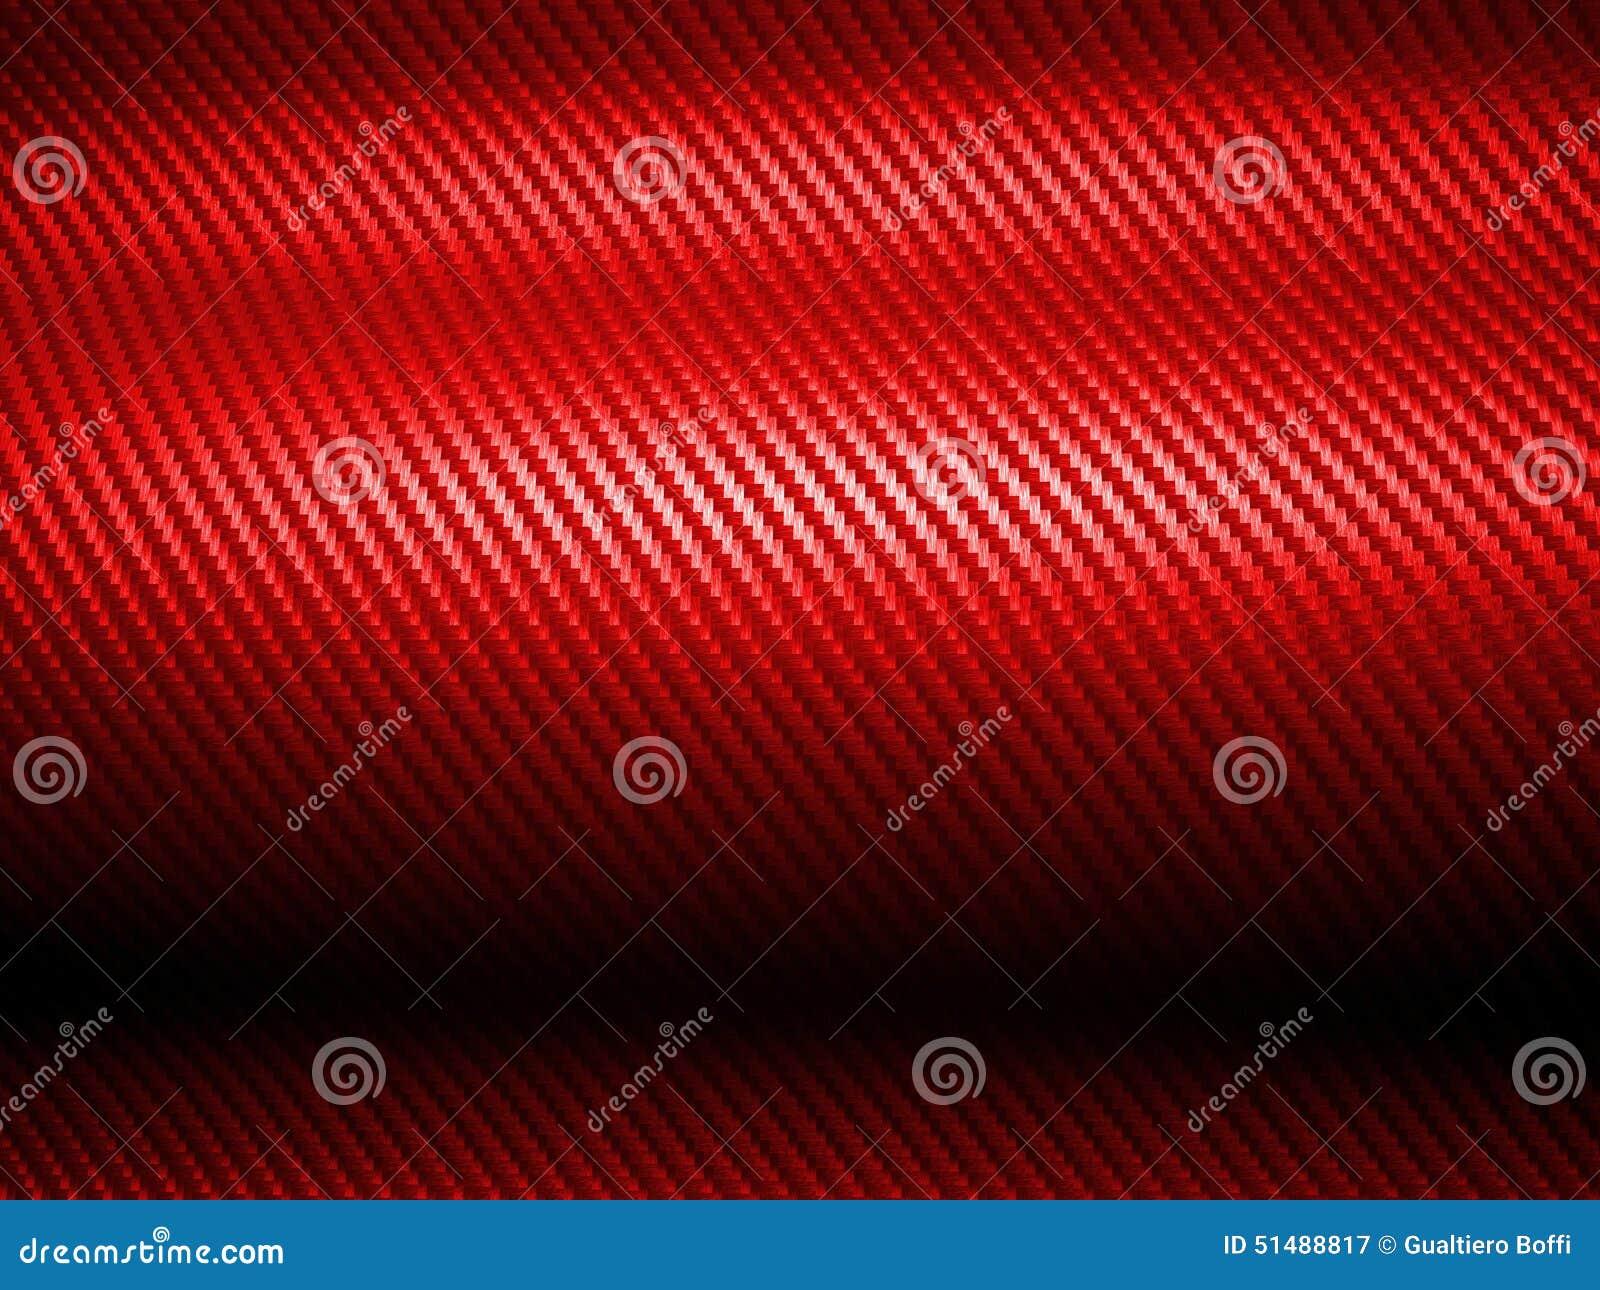 Carbon Fiber Background Stock Illustration - Image: 51488817